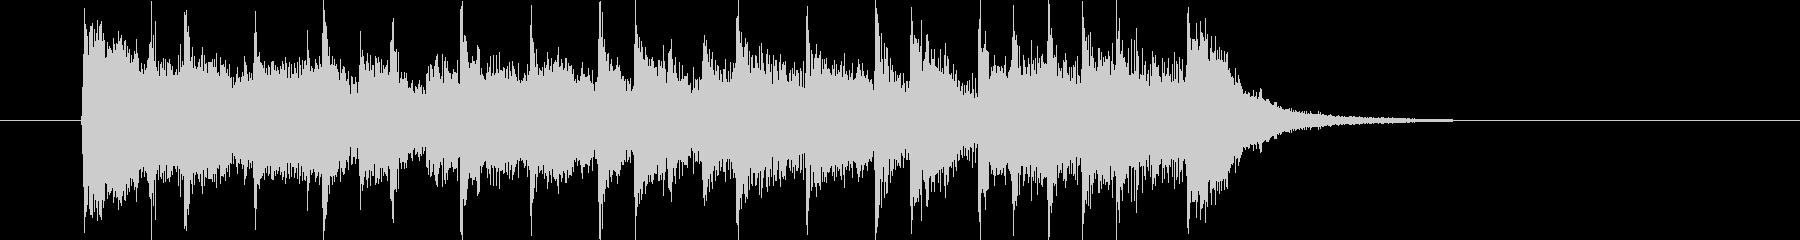 ドラムの軽快なリズムと共にの未再生の波形